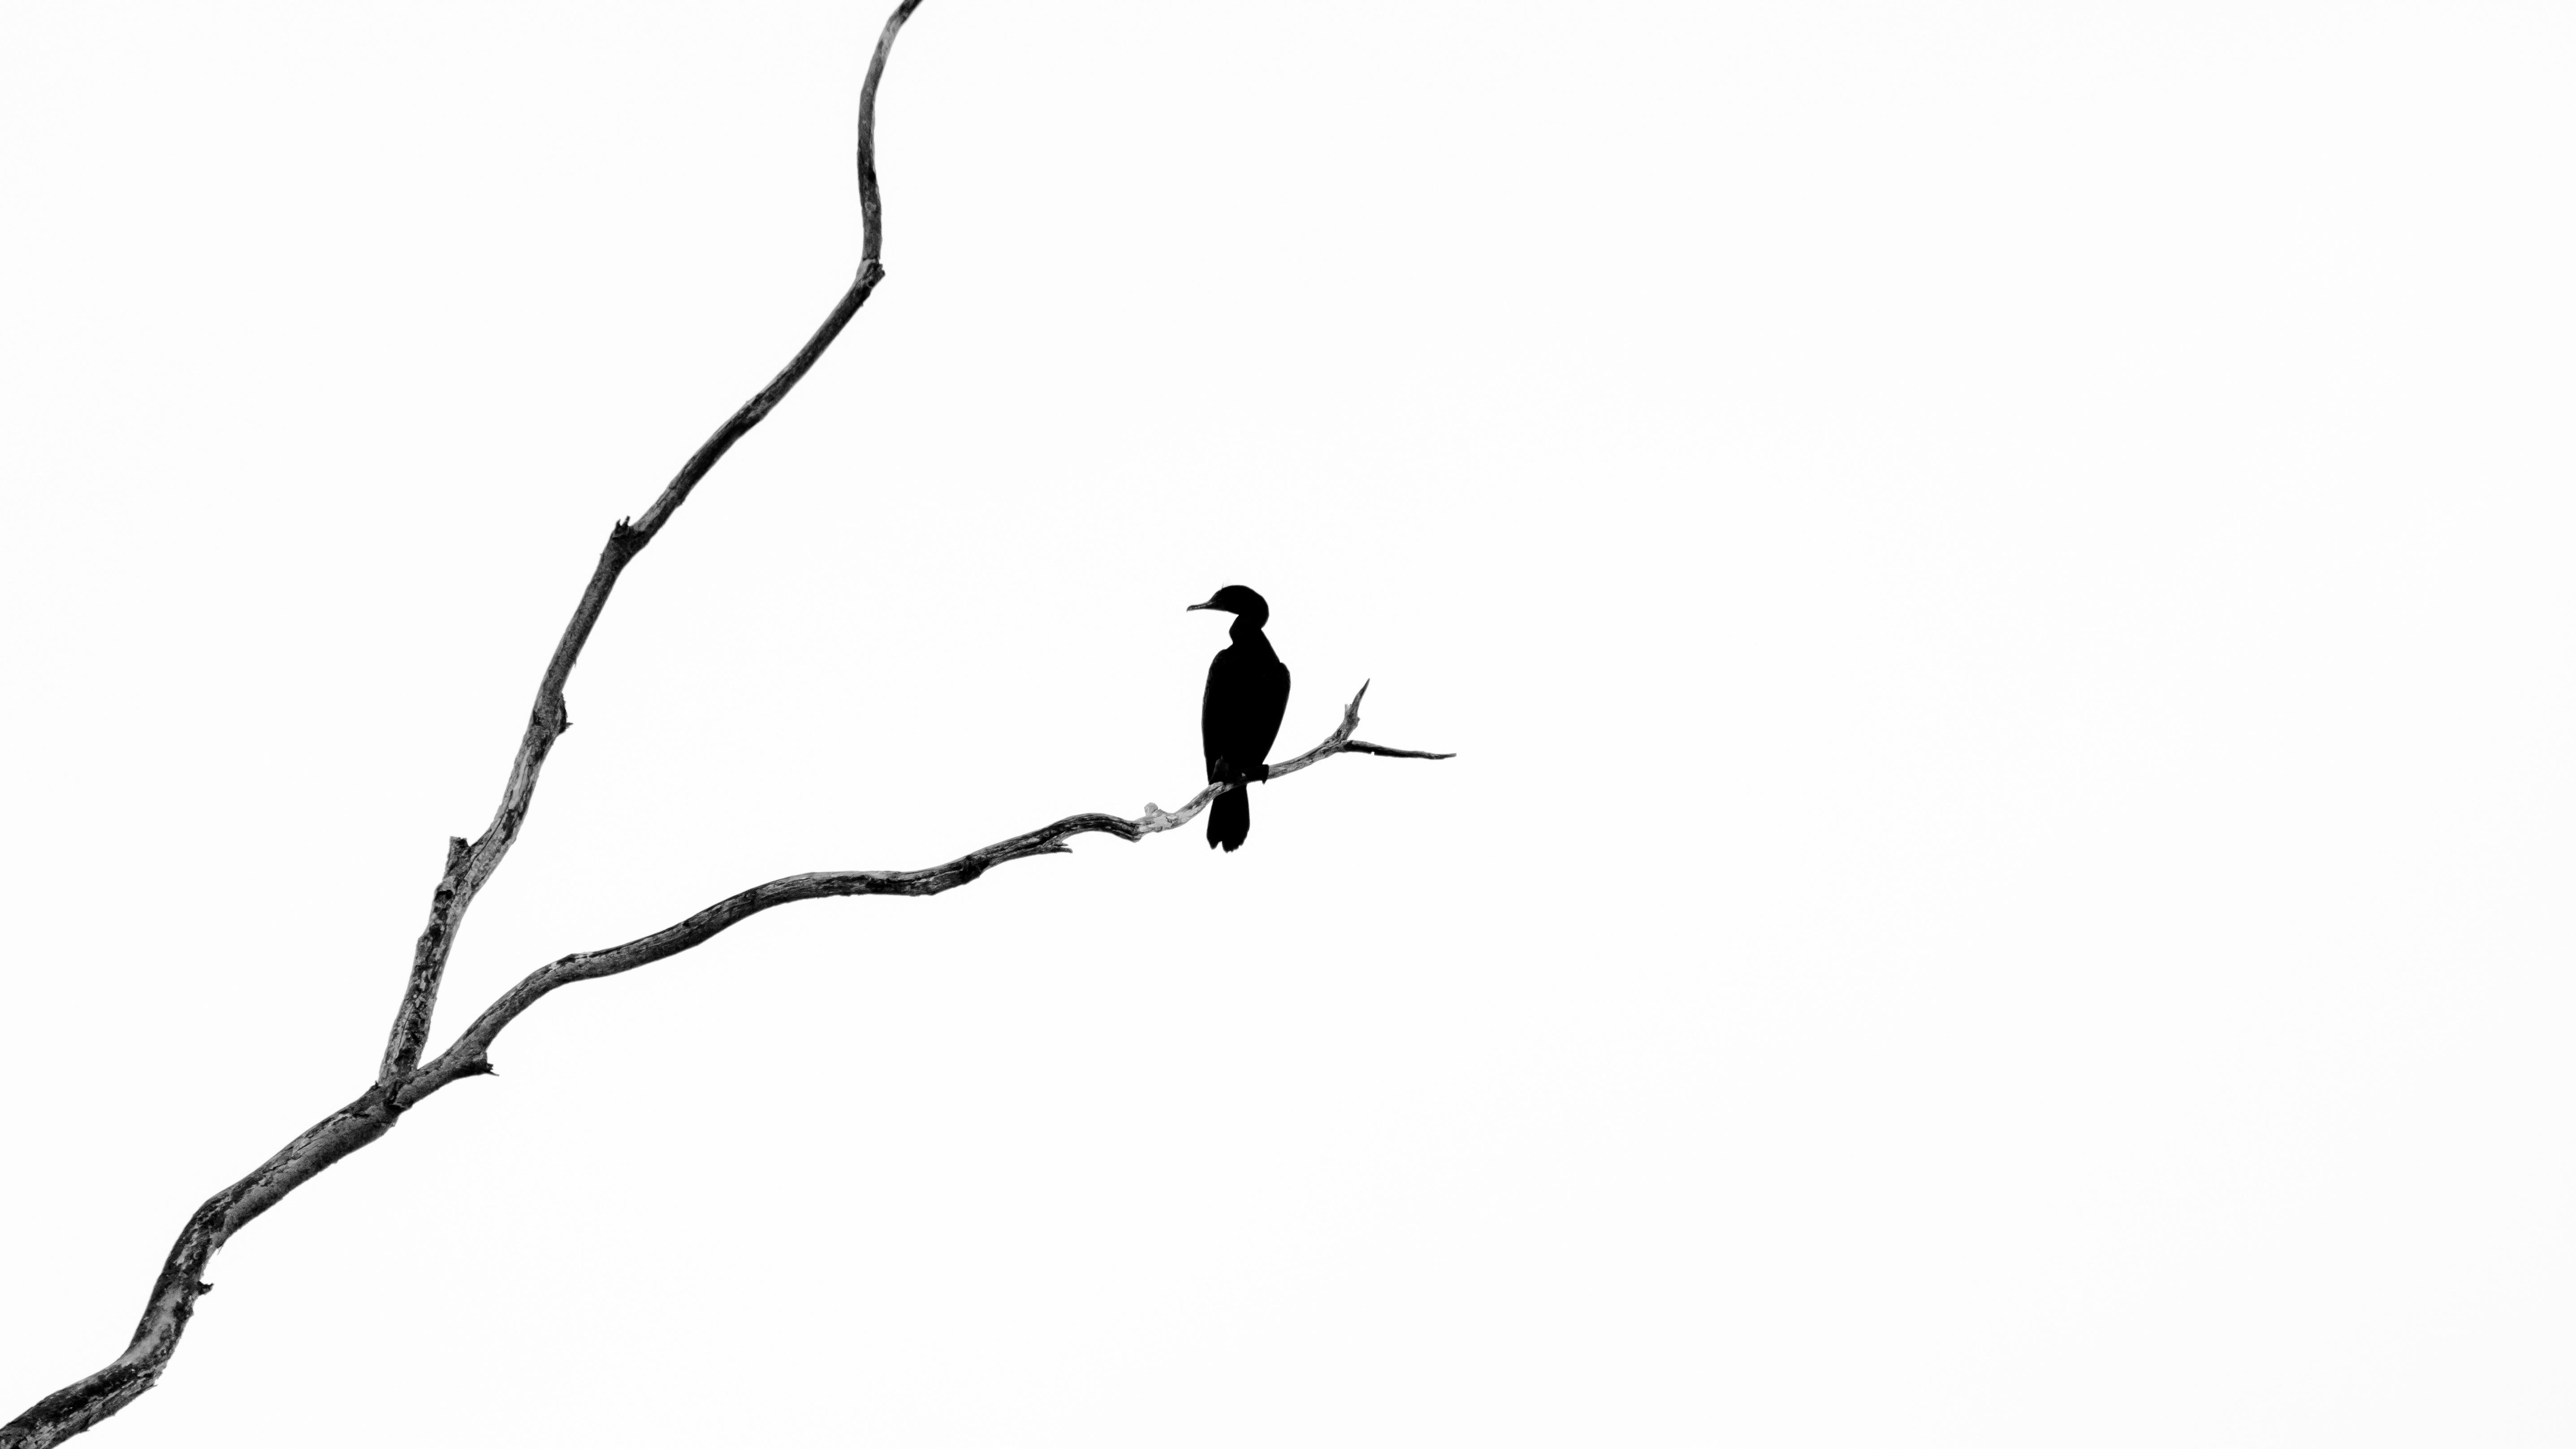 Gambar Cabang Garis Bertengger Burung 5748x3233